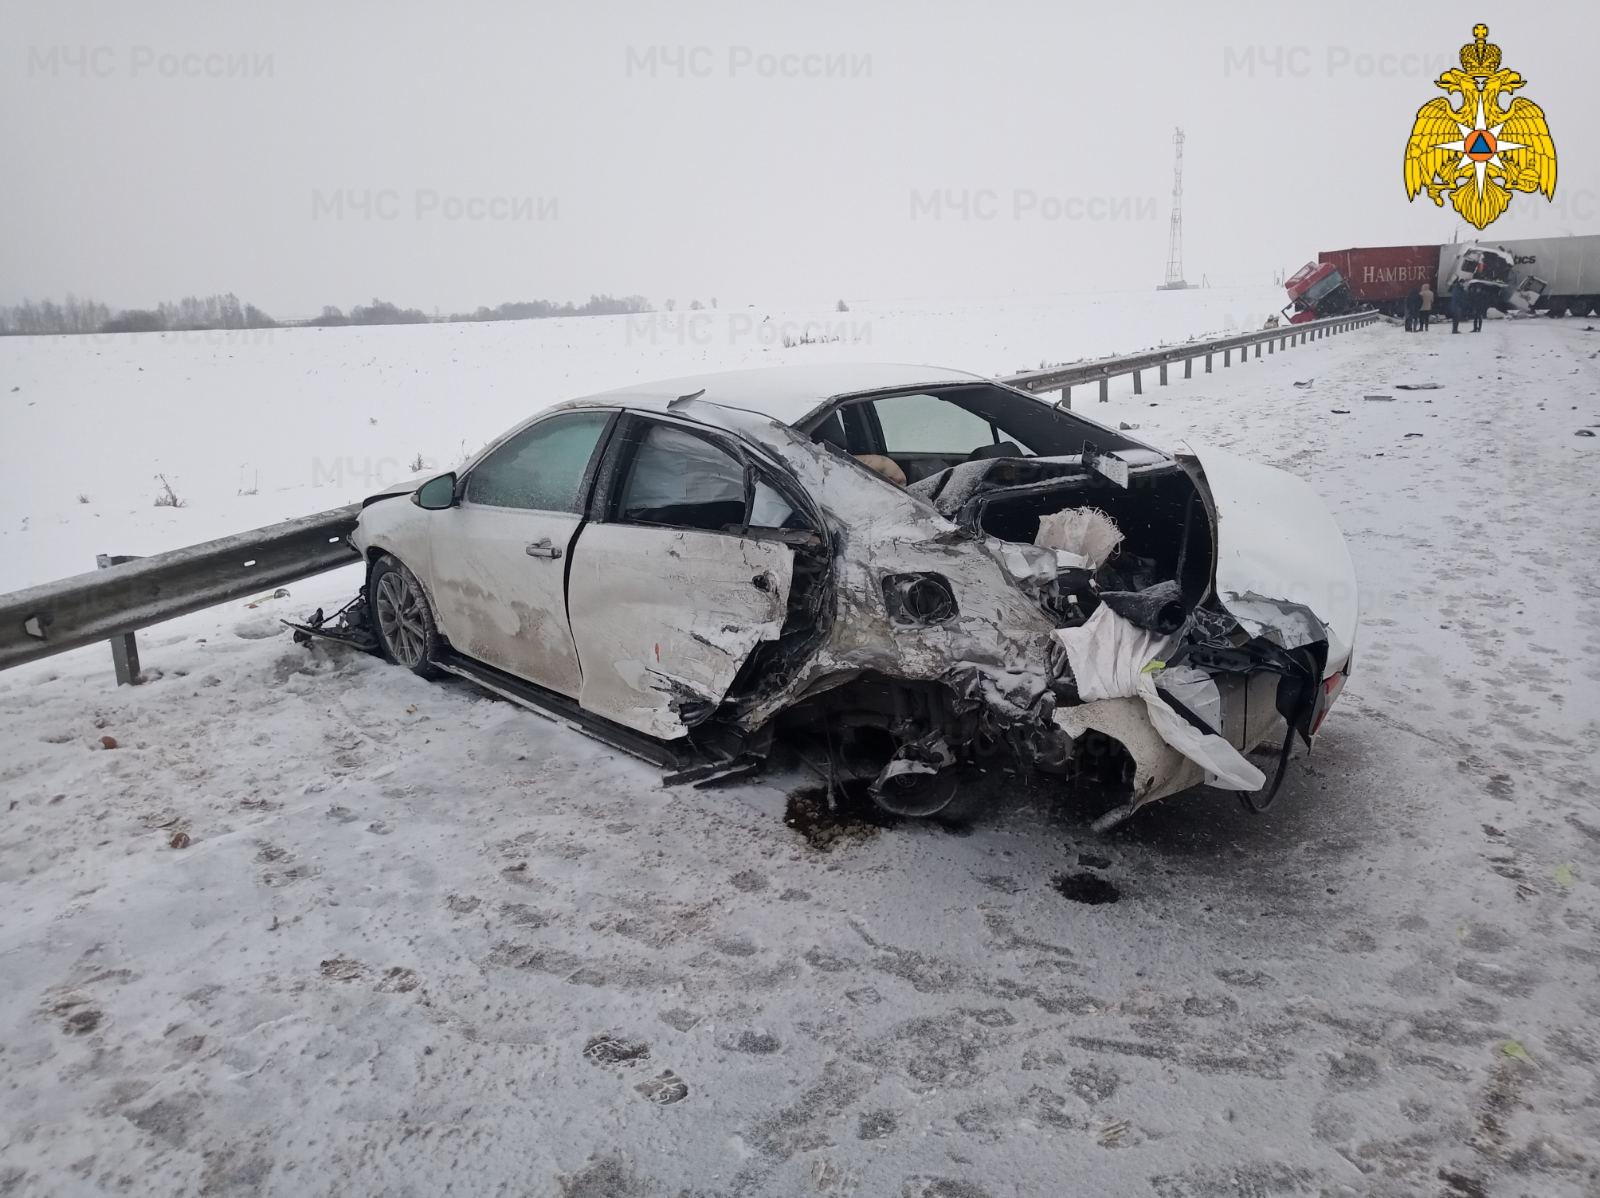 Спасатели МЧС принимали участие в ликвидации ДТП в Мещовском районе, 226 км автодороги М-3 «Украина»